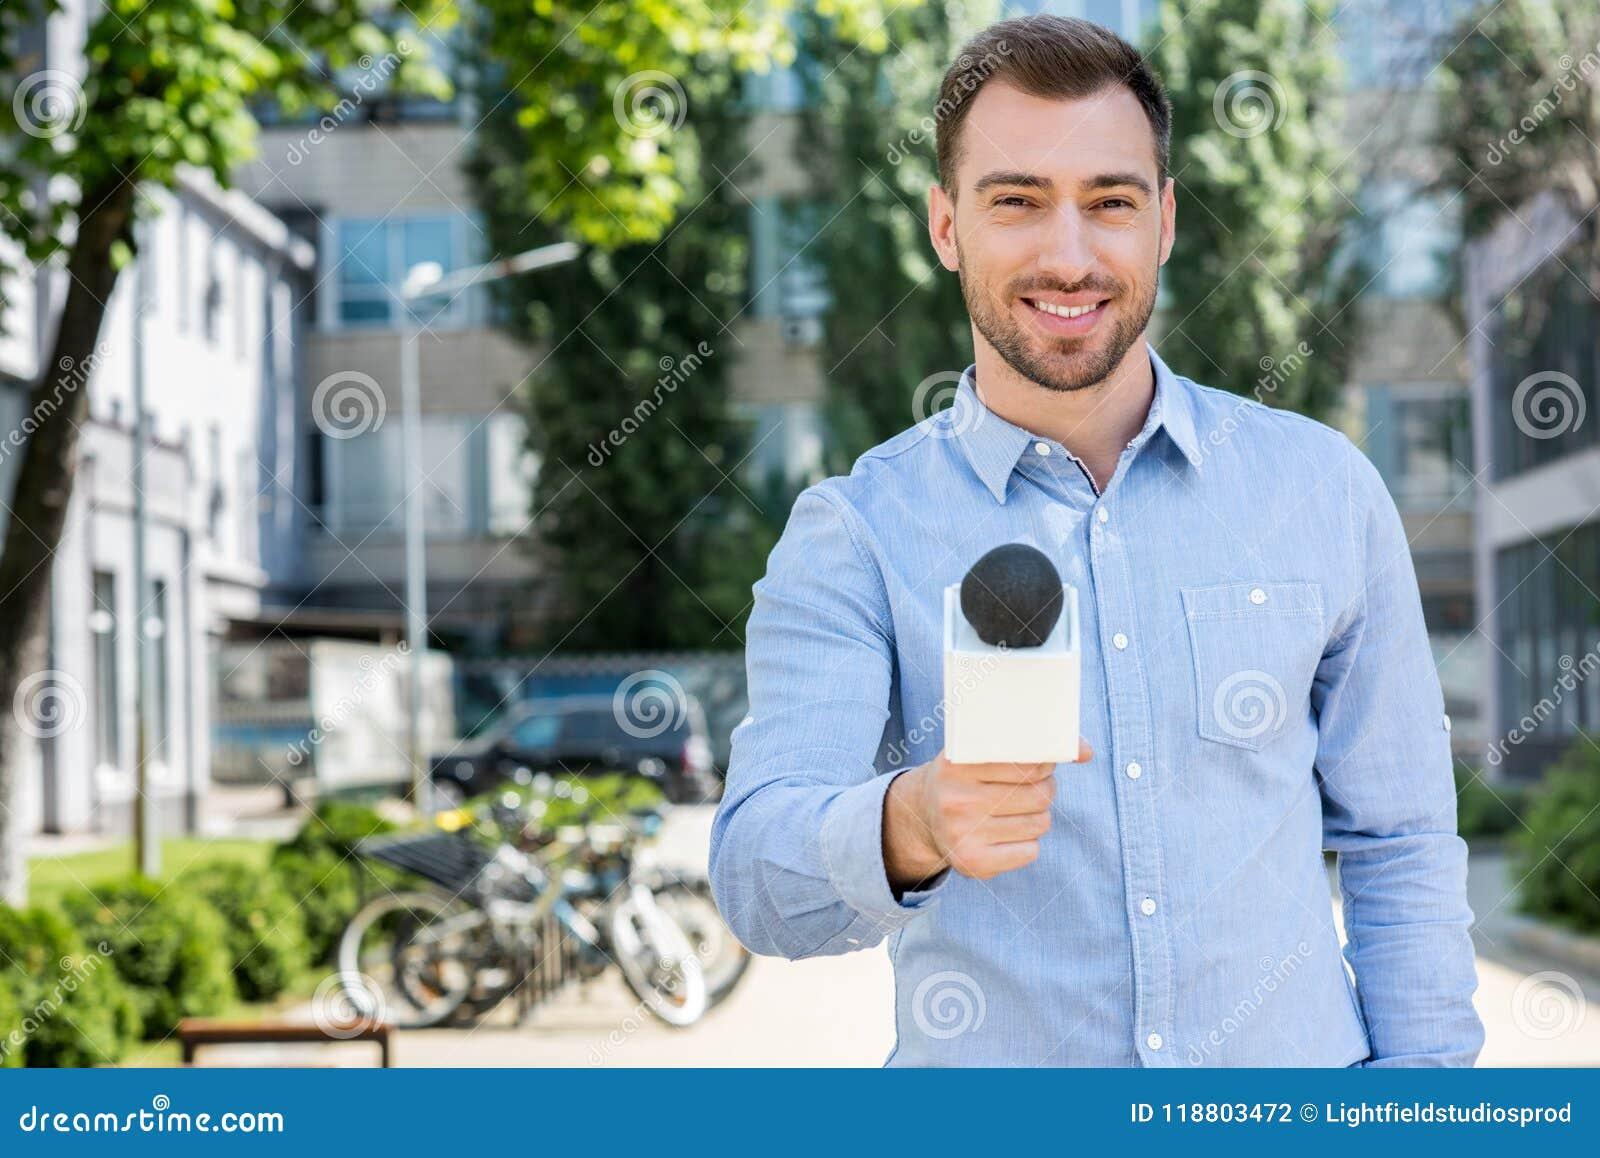 采取与话筒的微笑的男性新闻记者采访